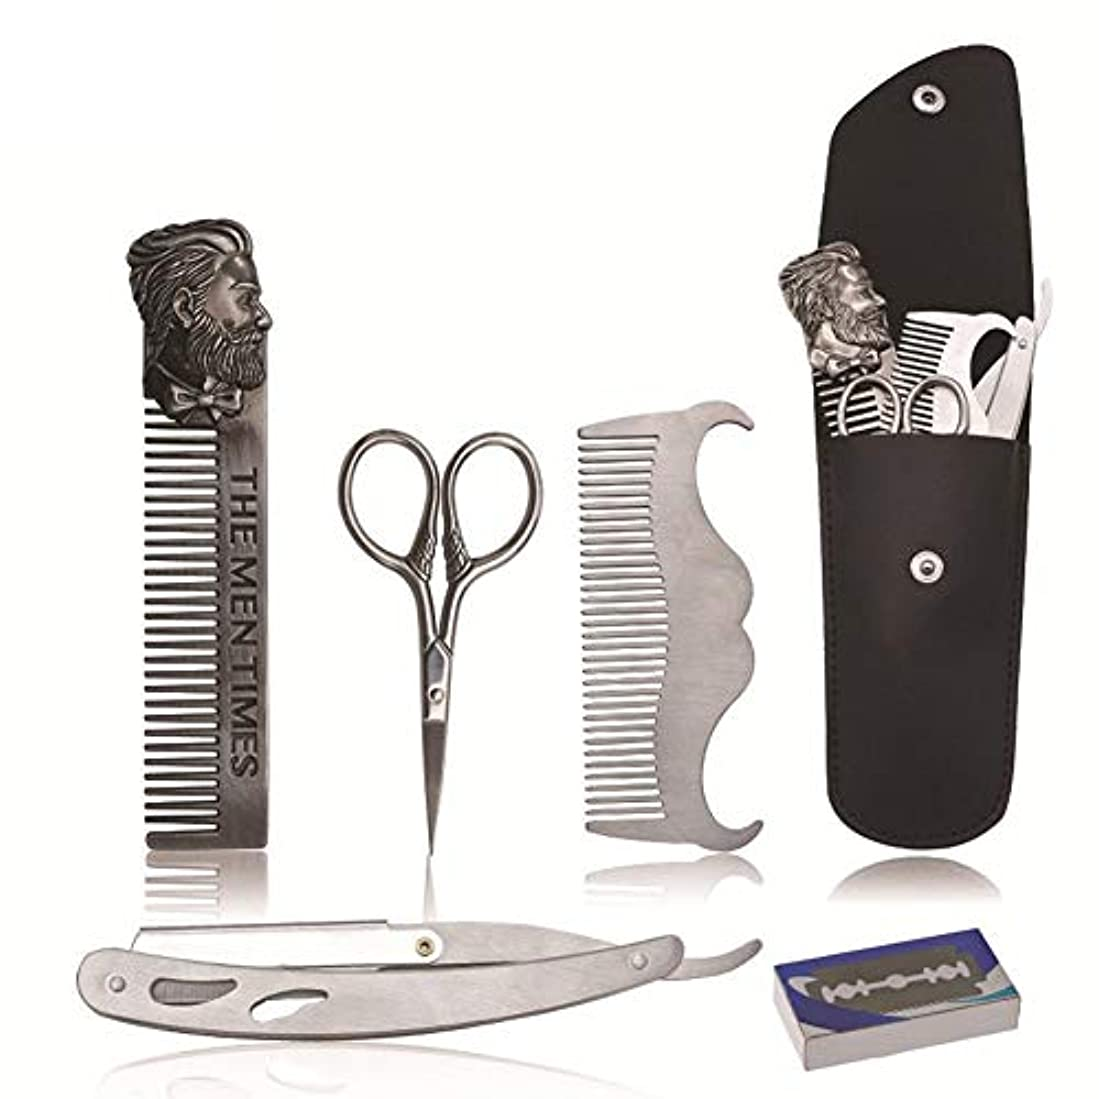 締める火曜日下に向けます5ピースは、男性Barttrimmsetのひげについてバートケアセットを設定すると、ひげの櫛ステンレス鋼、バートステンシルトリムスタイリングツール、ひげコムBartpflegesetを剃ります